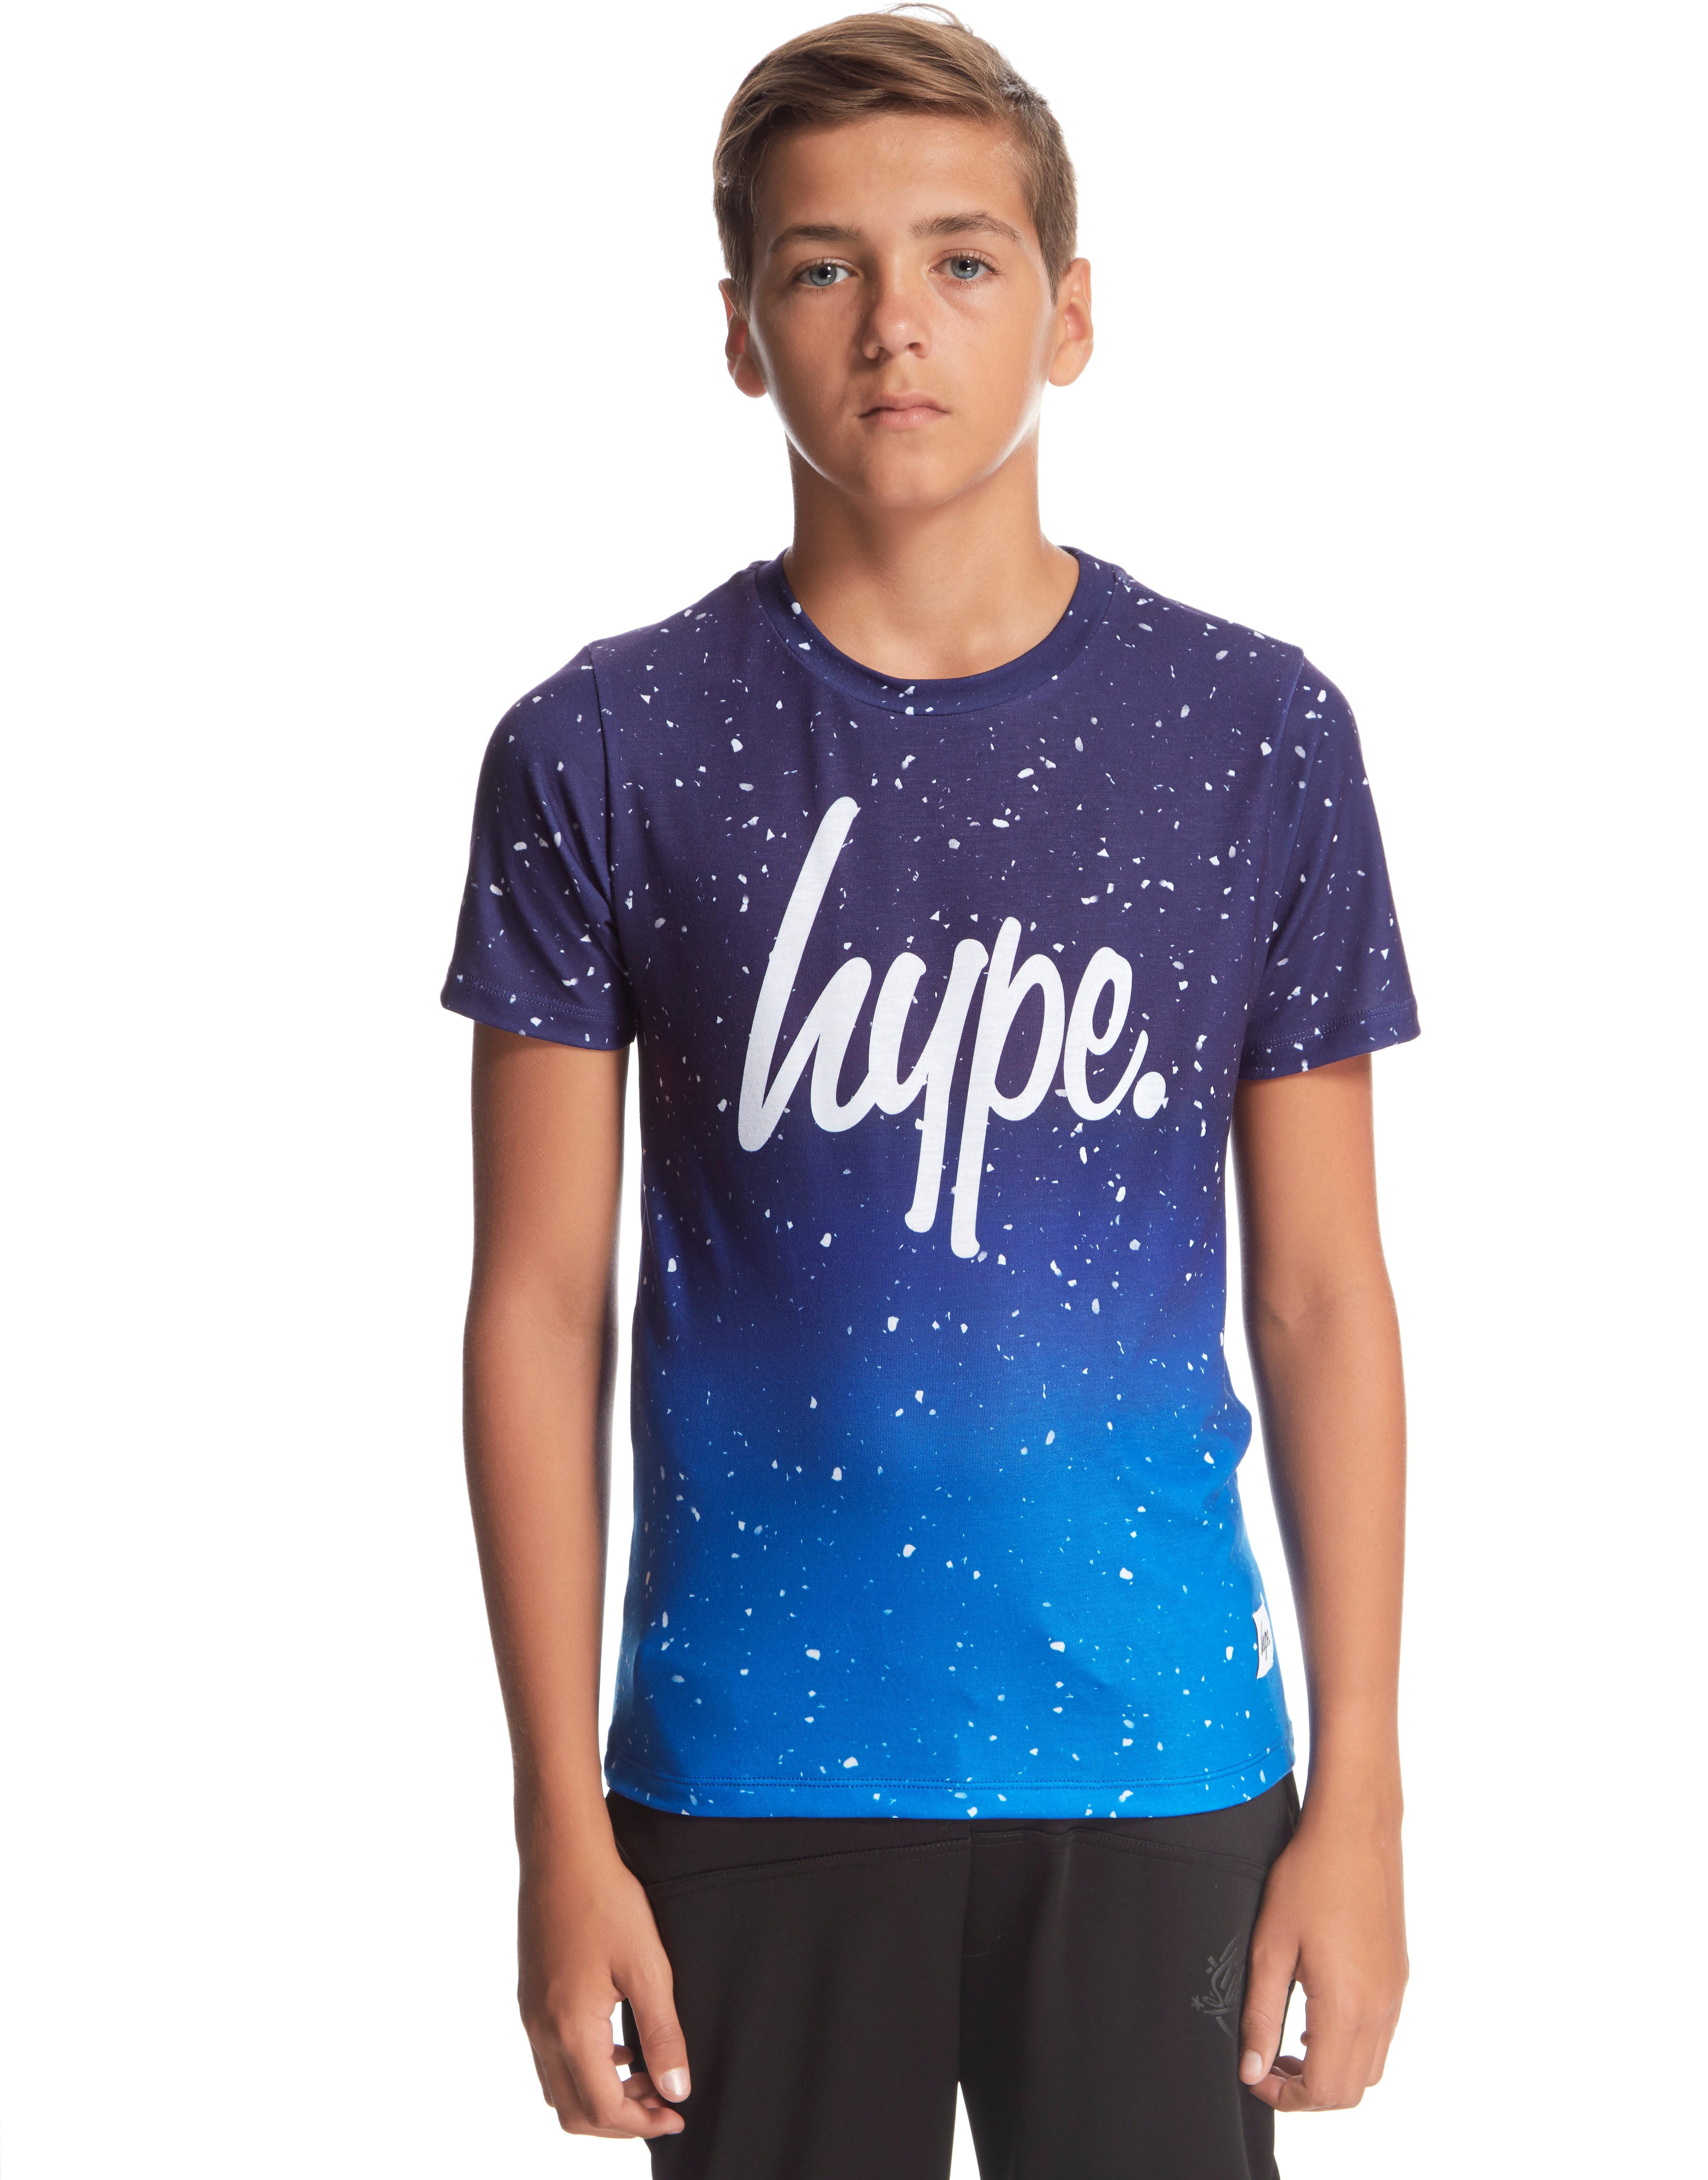 Hype Blue Fade T-Shirt Junior